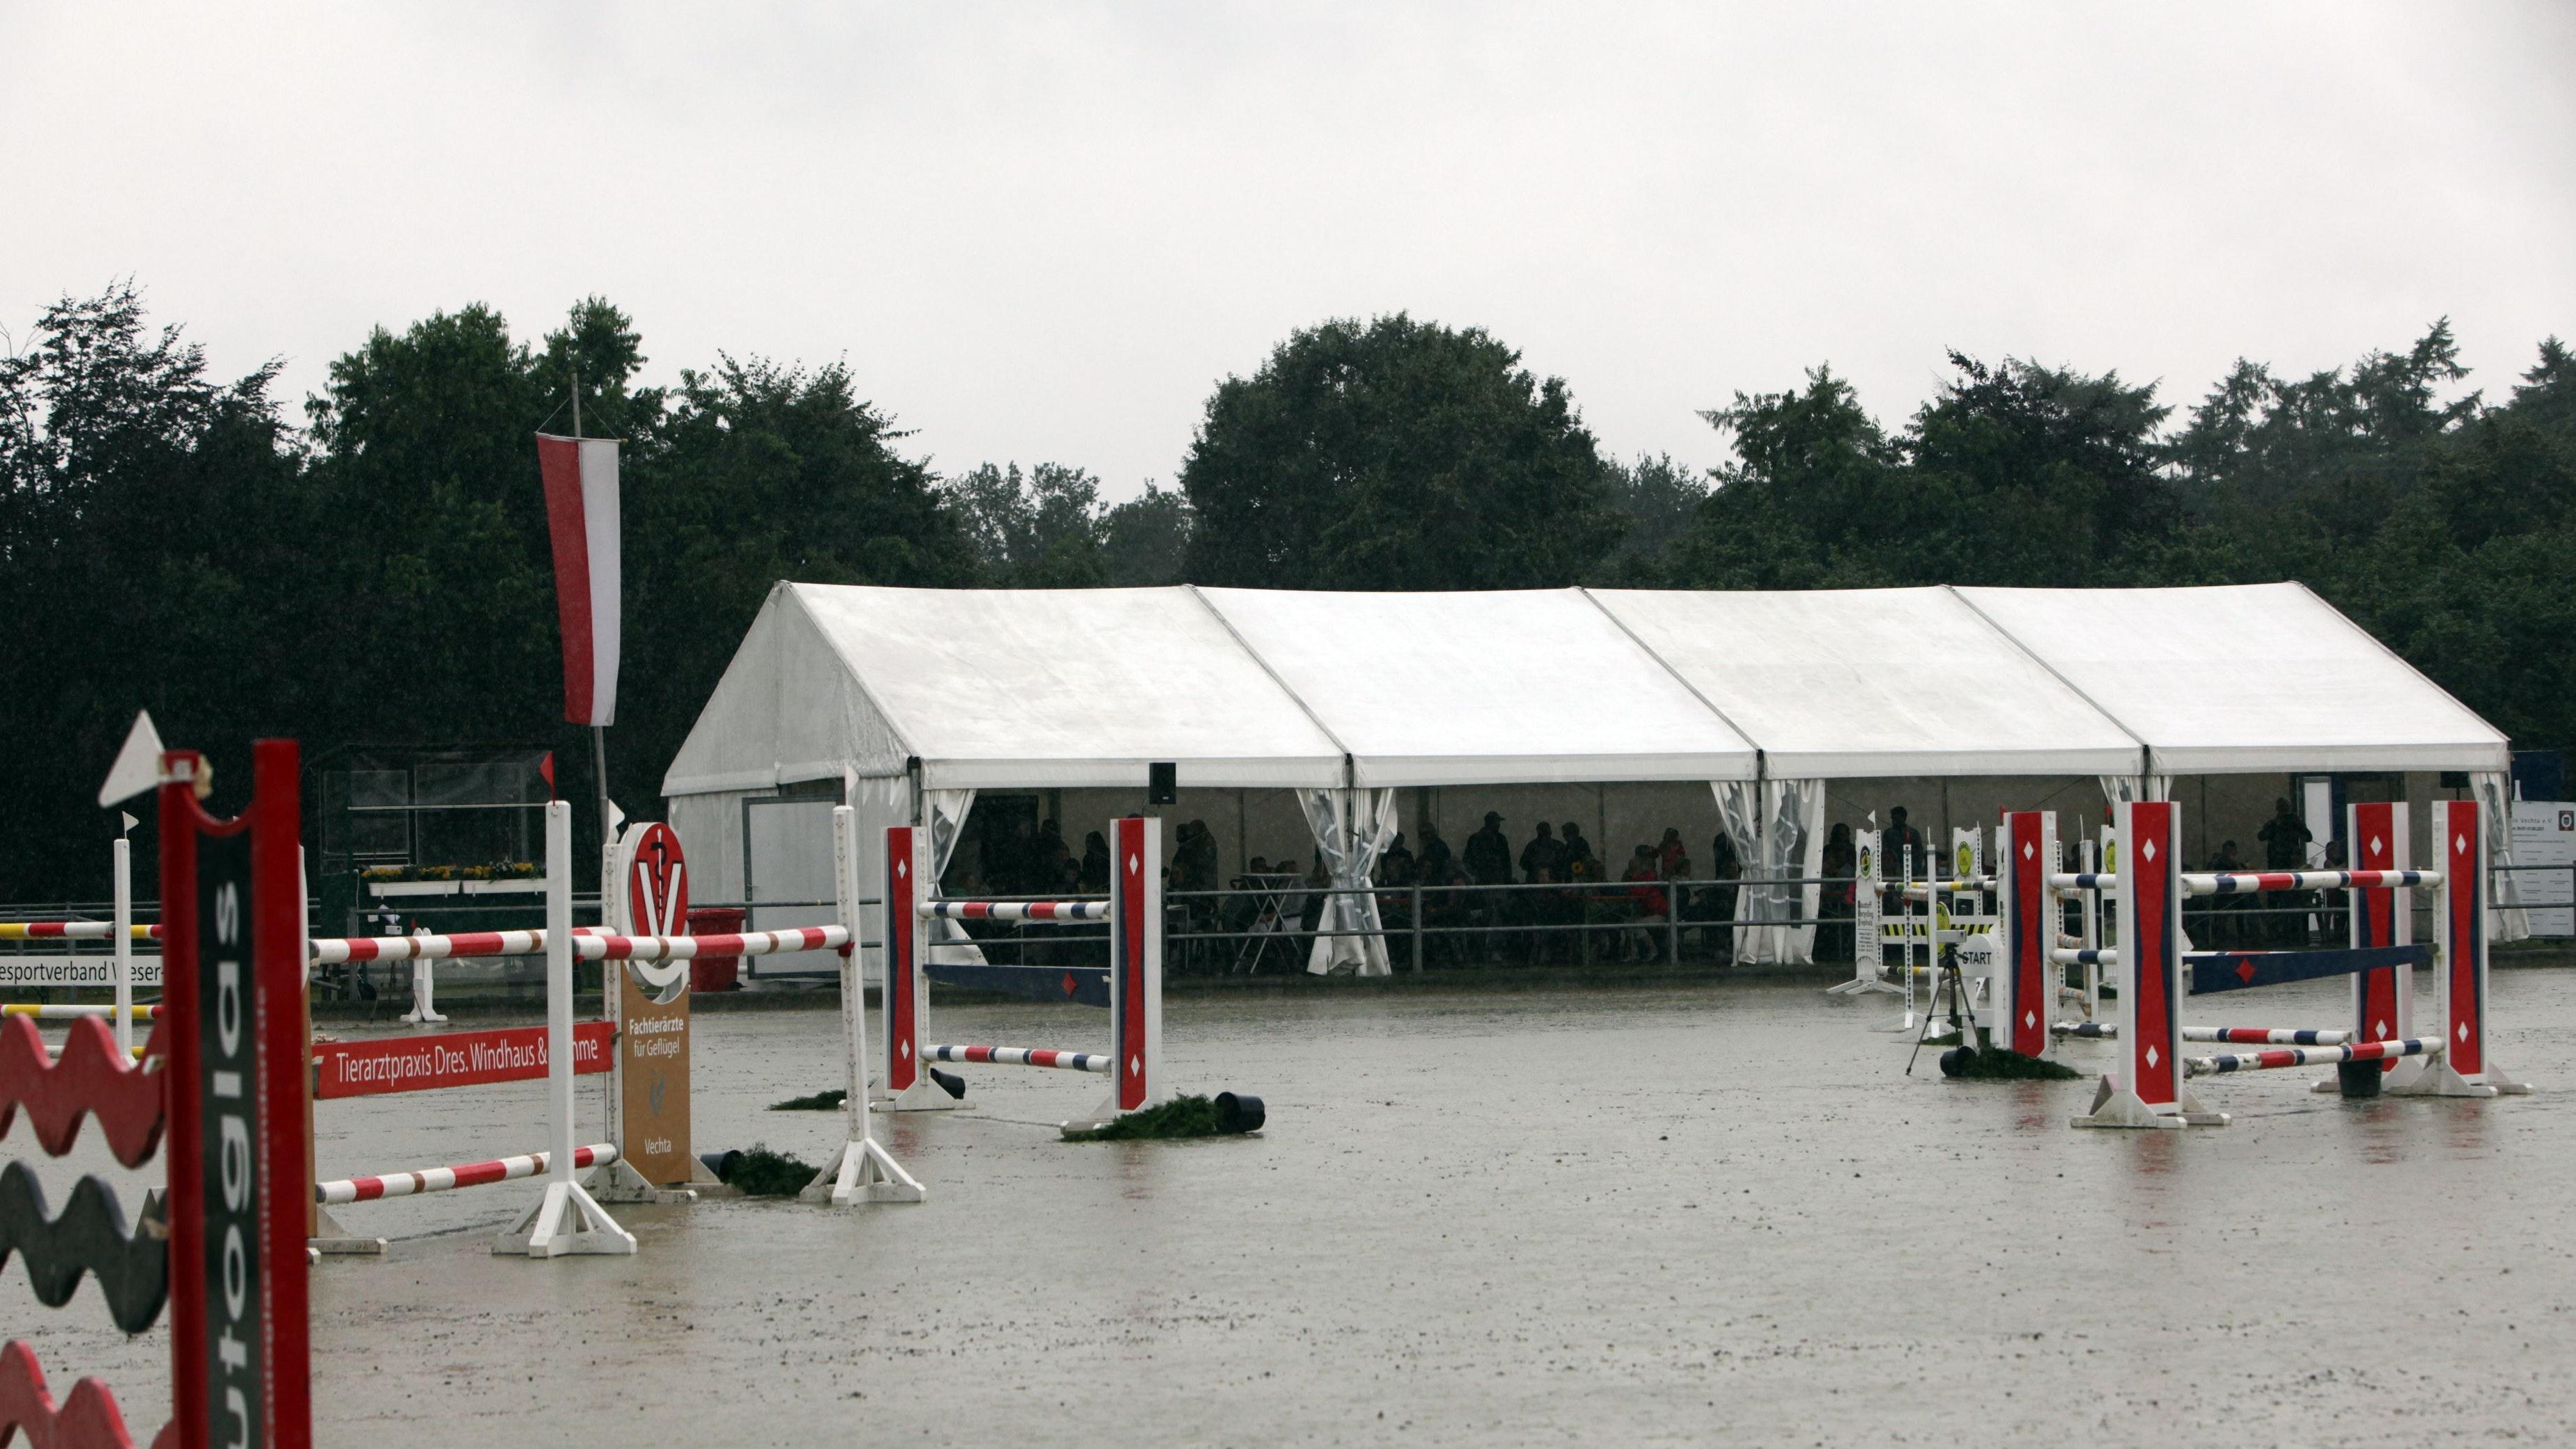 Turnierplatz unter Wasser: An der Landeslehrstätte hatte der Starkregen Reitsport unmöglich gemacht. Foto: Schikora